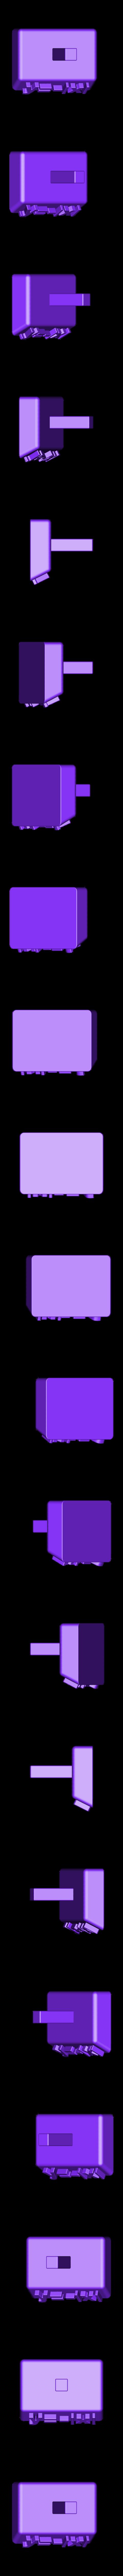 Function_Stickman_y-IxI_bottom.stl Télécharger fichier STL gratuit Dancing Function Stickmen • Plan pour impression 3D, Chrisibub